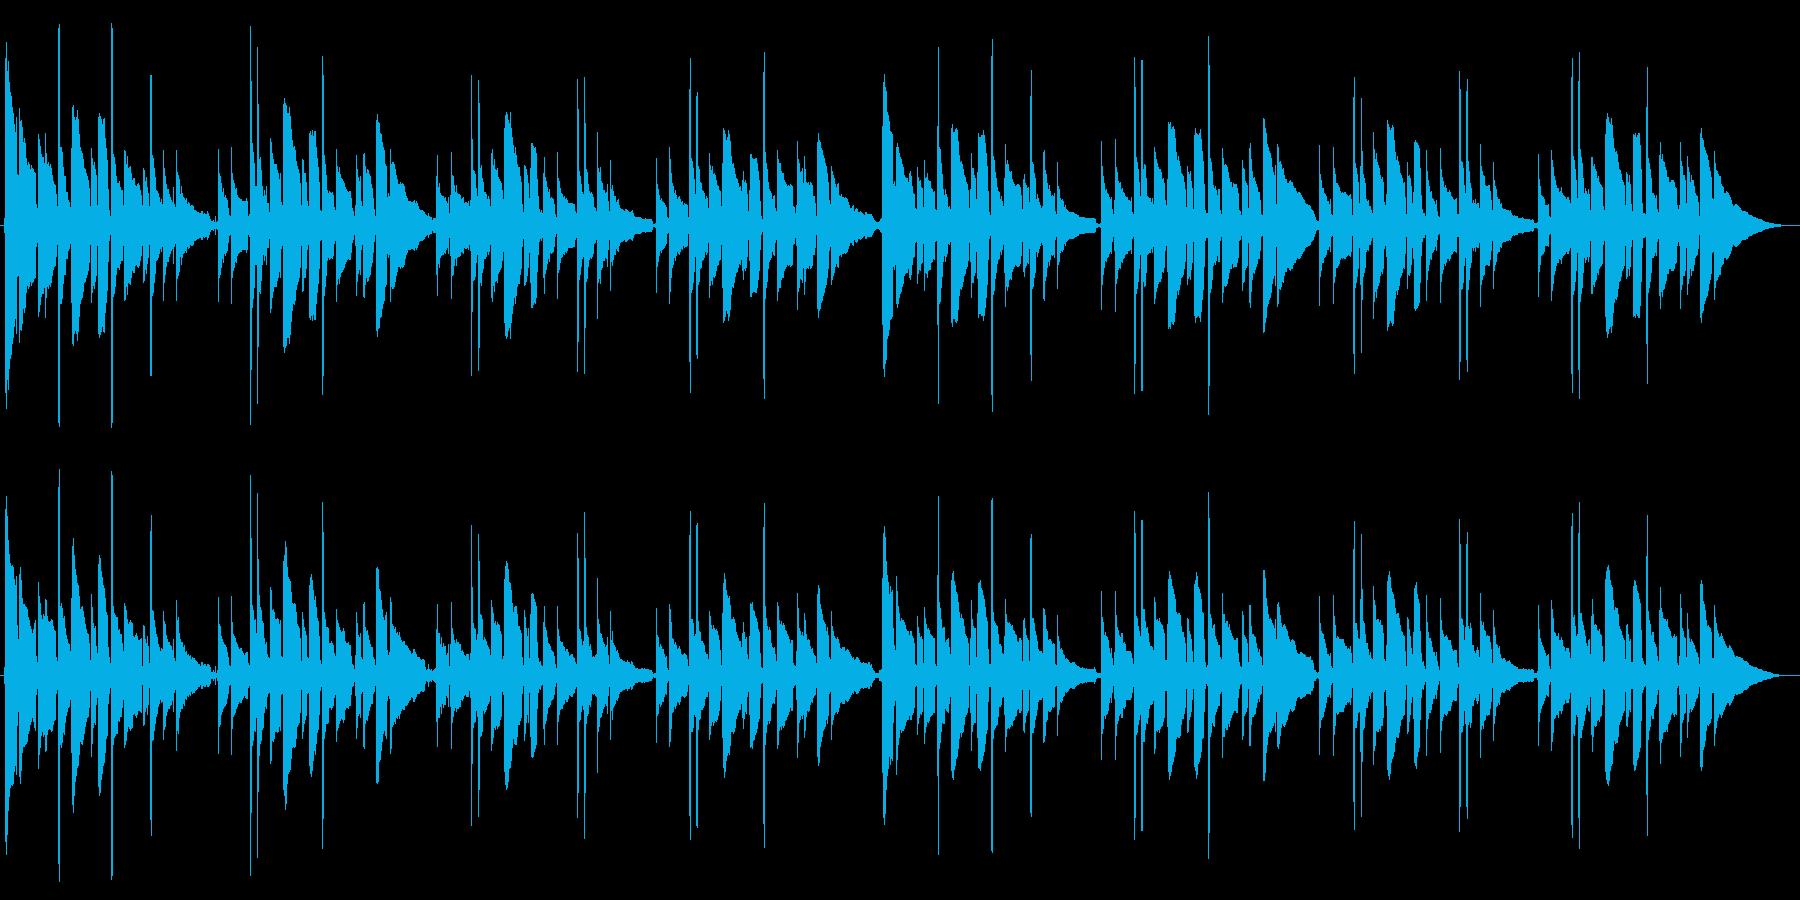 アコースティックギター独奏「蛍の光」の再生済みの波形